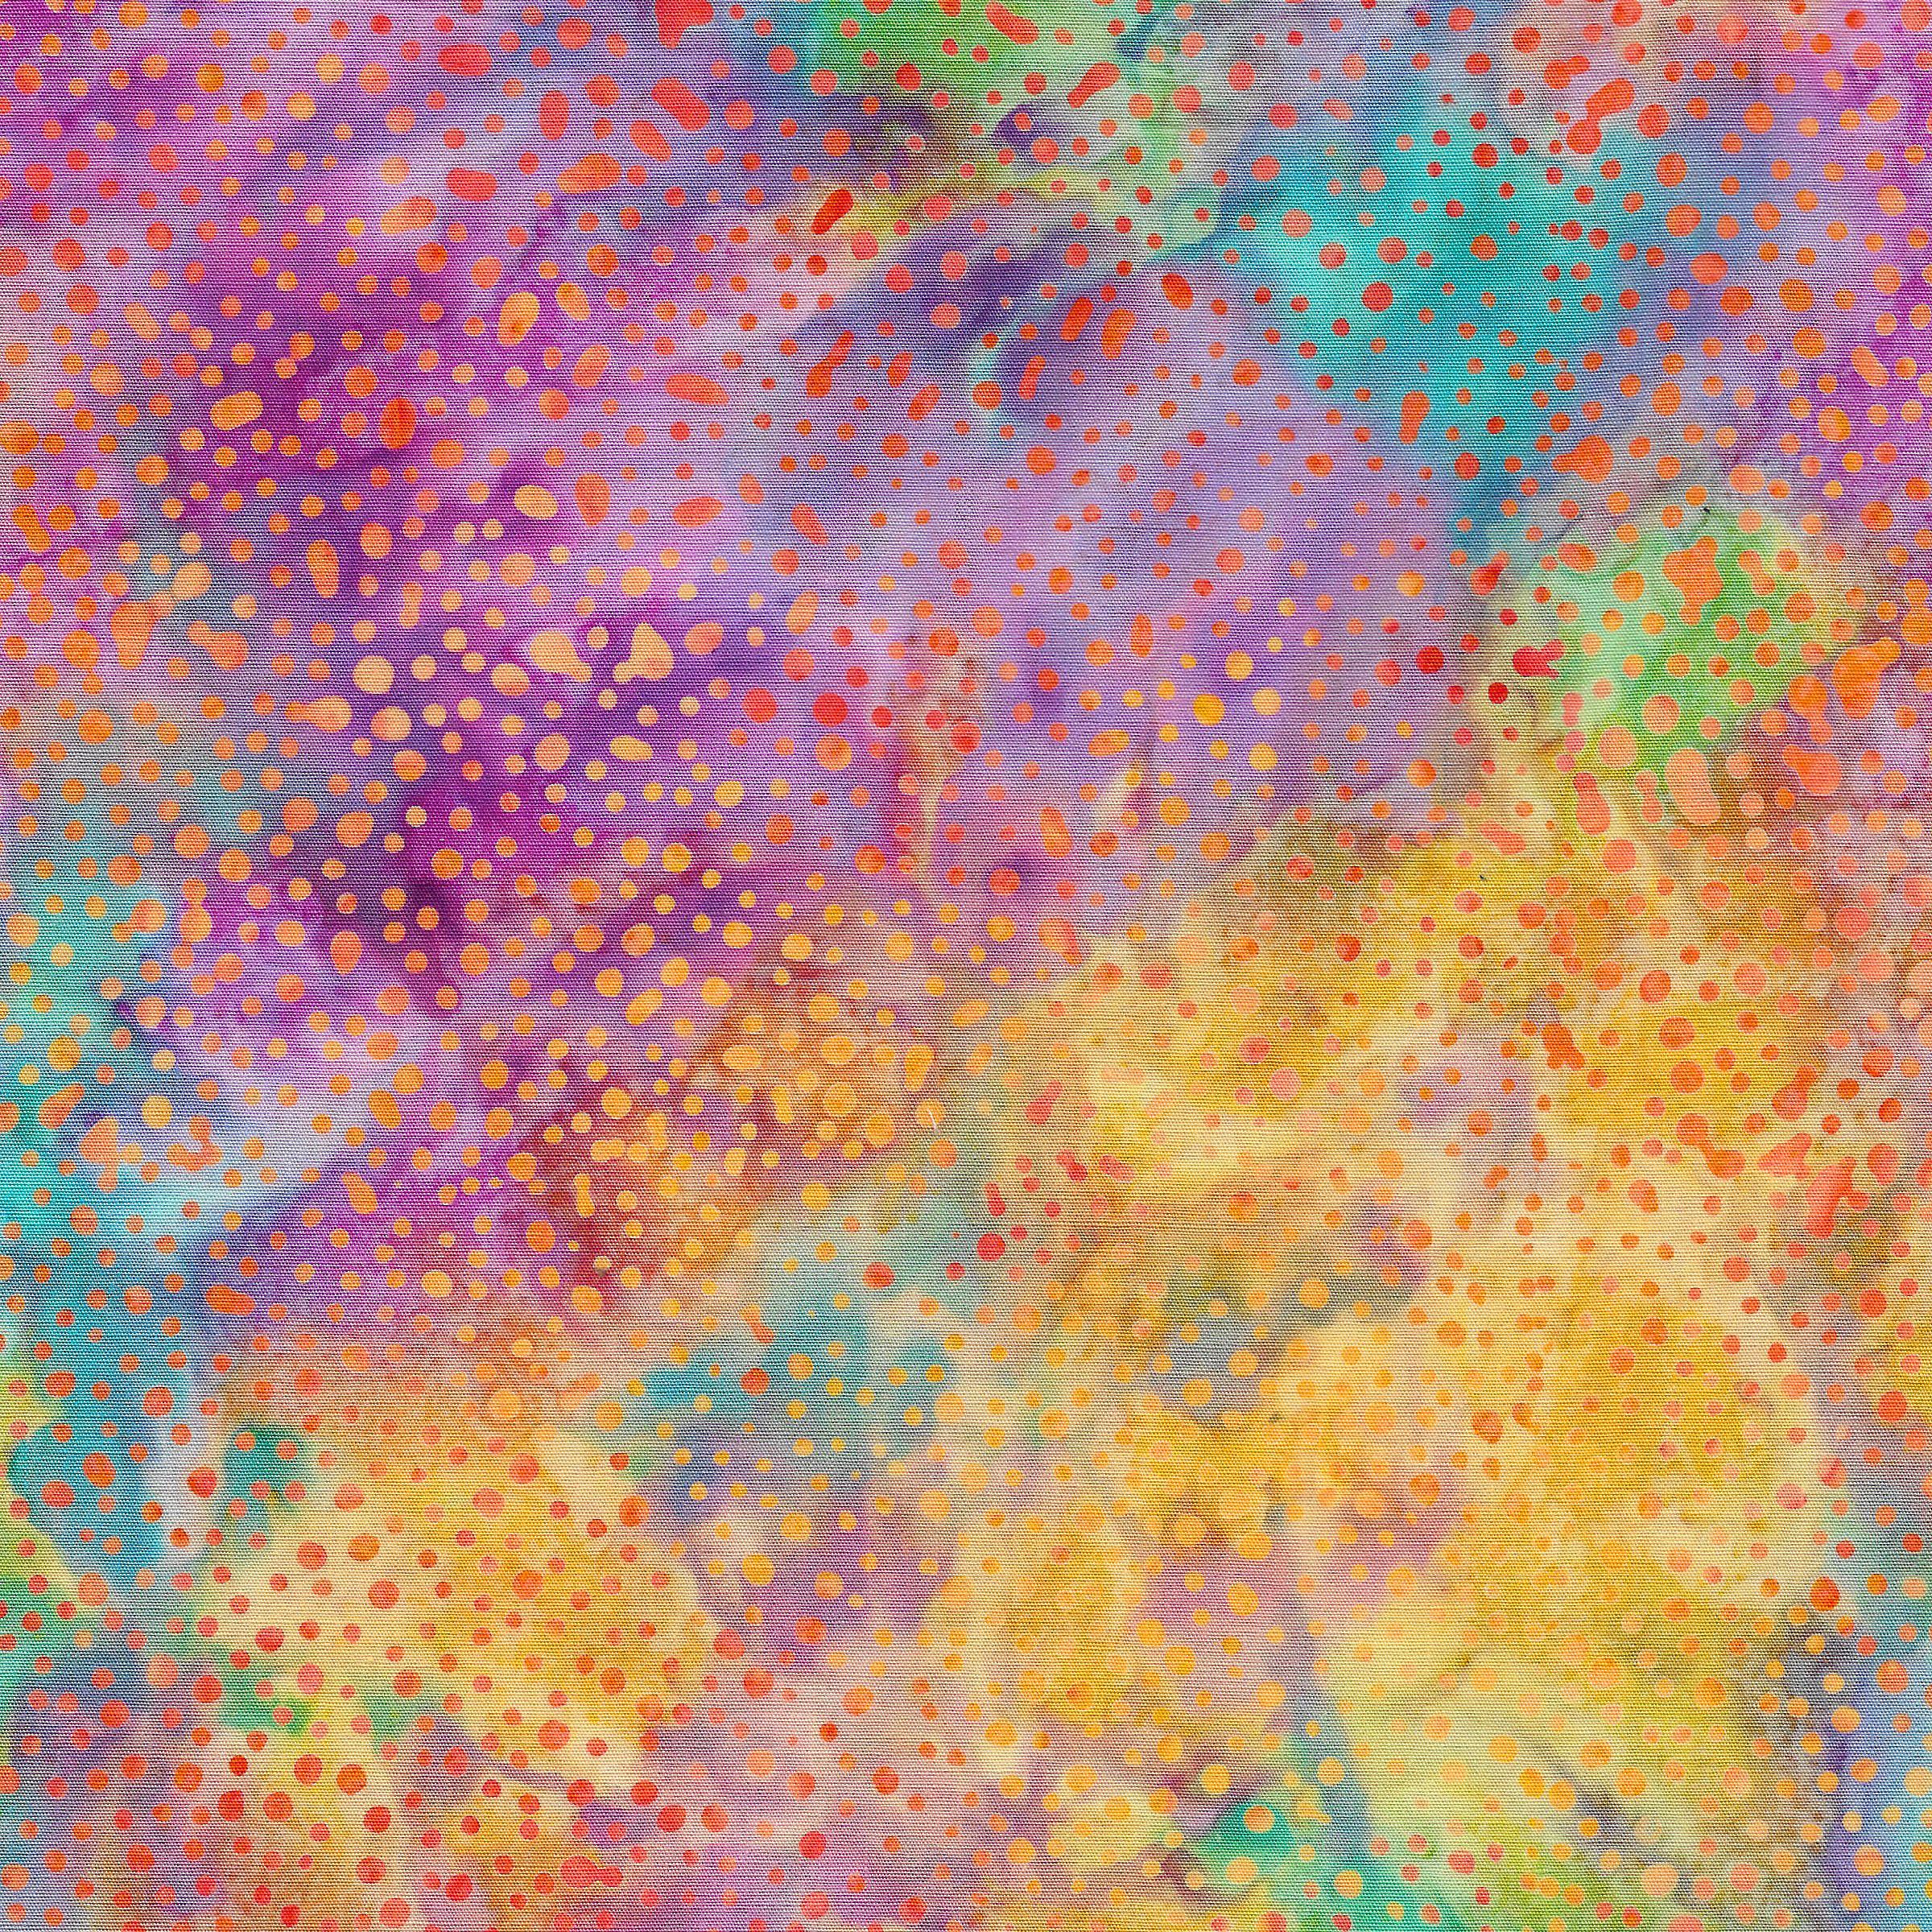 Island Batik - Mini Dots -TieDye